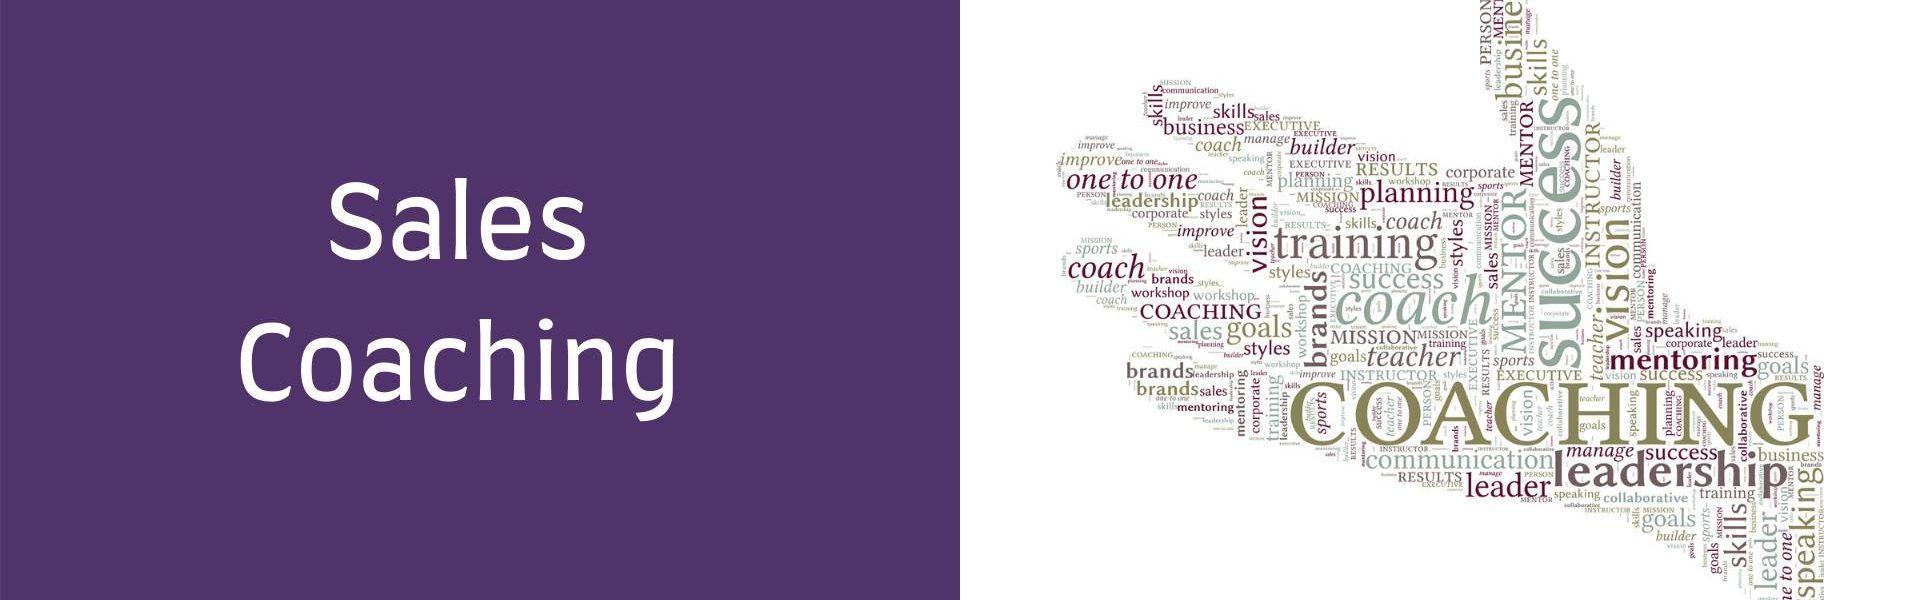 sales coaching with wesleyne greer